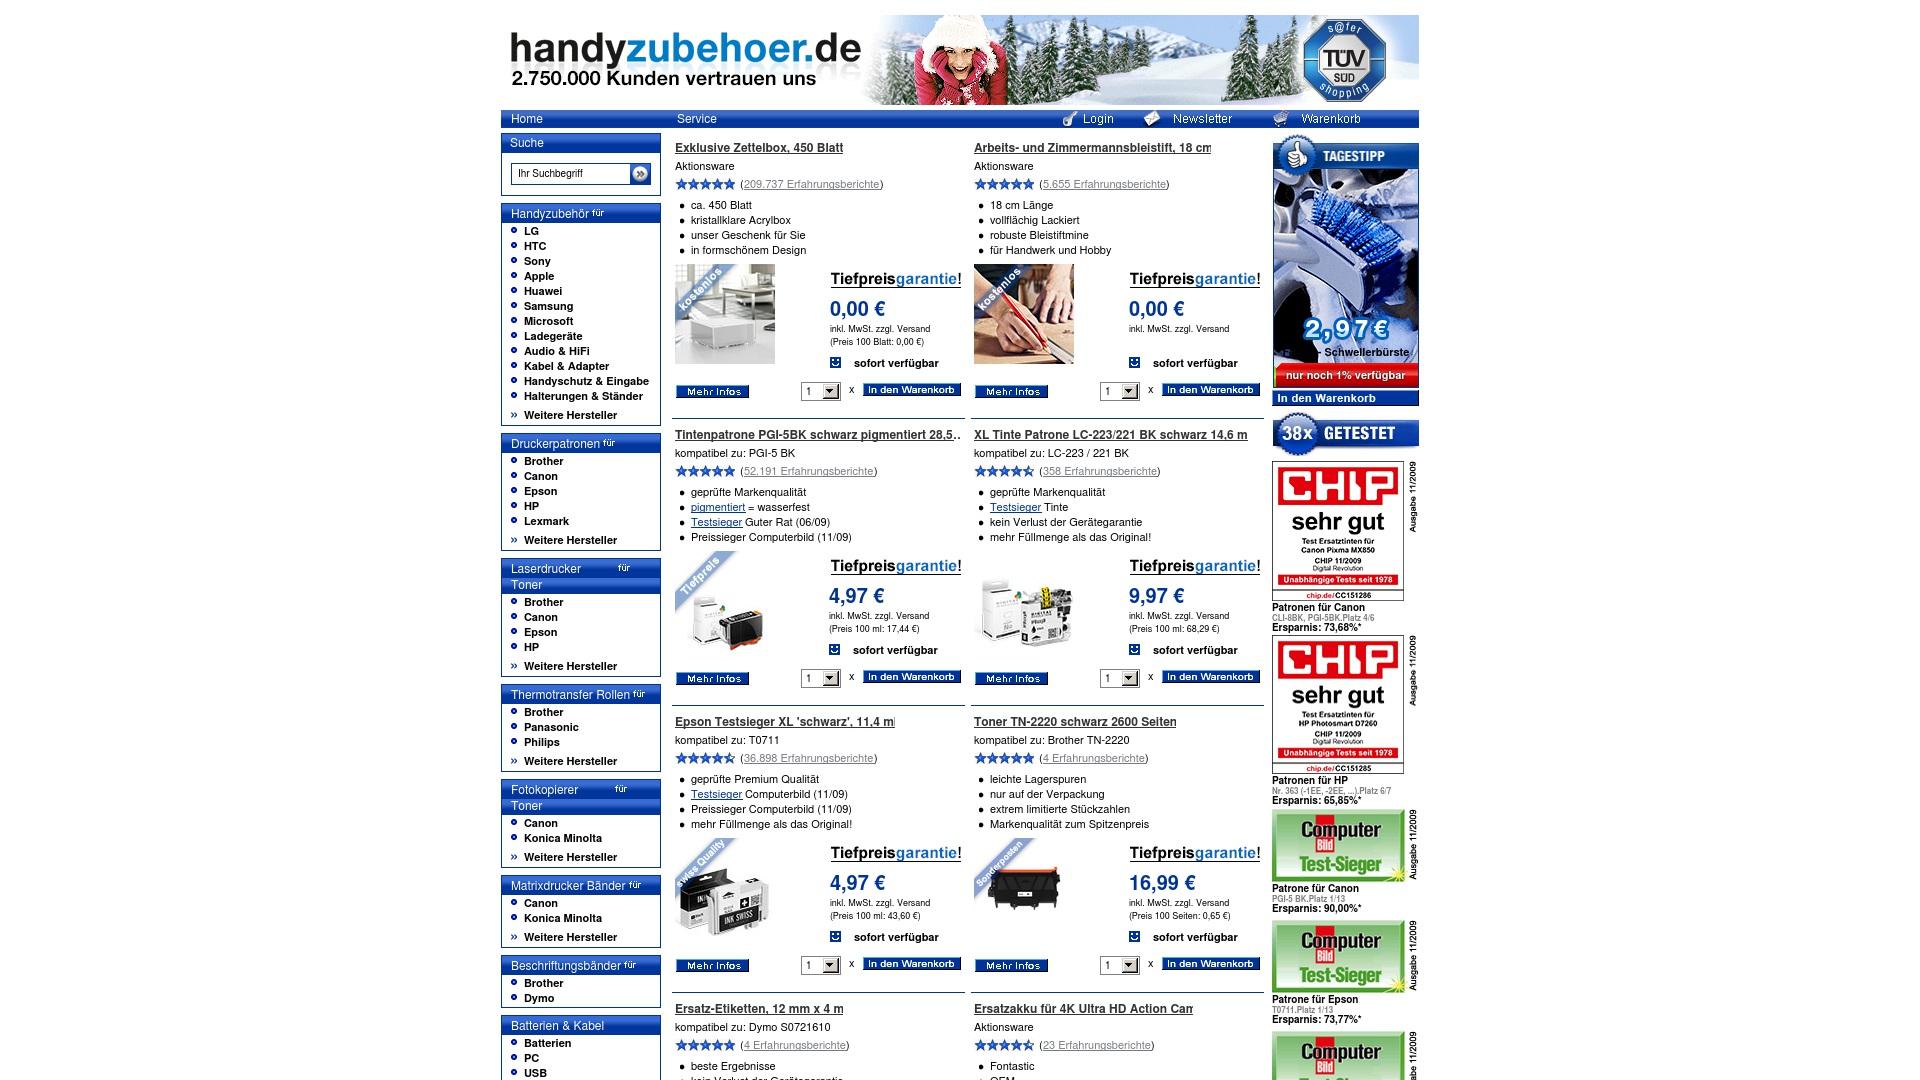 Gutschein für Handyzubehoer: Rabatte für  Handyzubehoer sichern